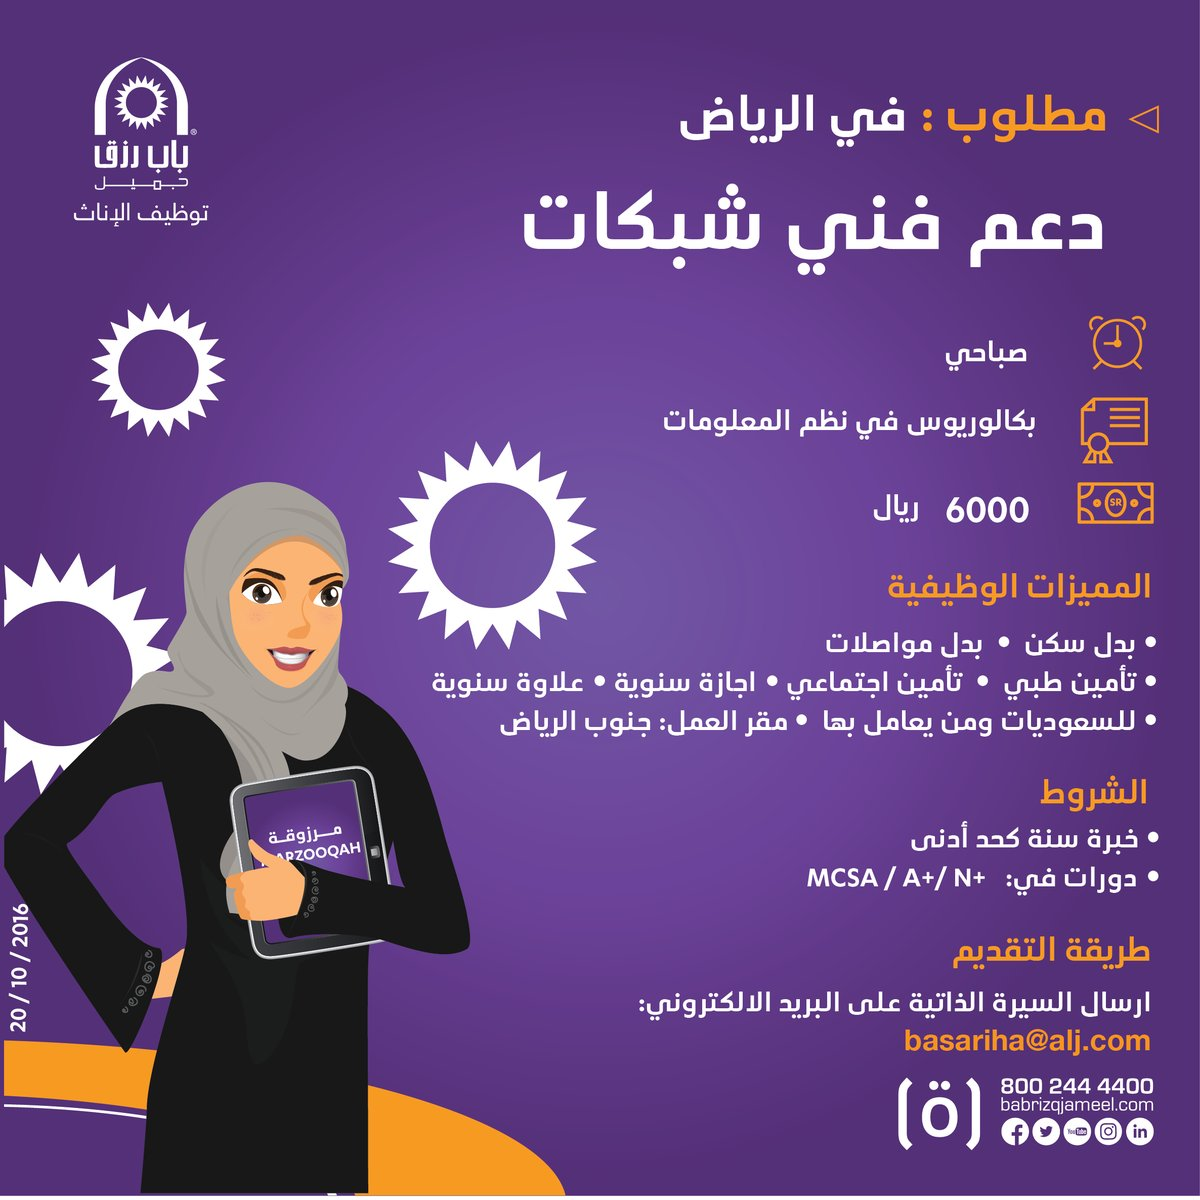 مطلوب موظفة دعم فني شبكات - الرياض